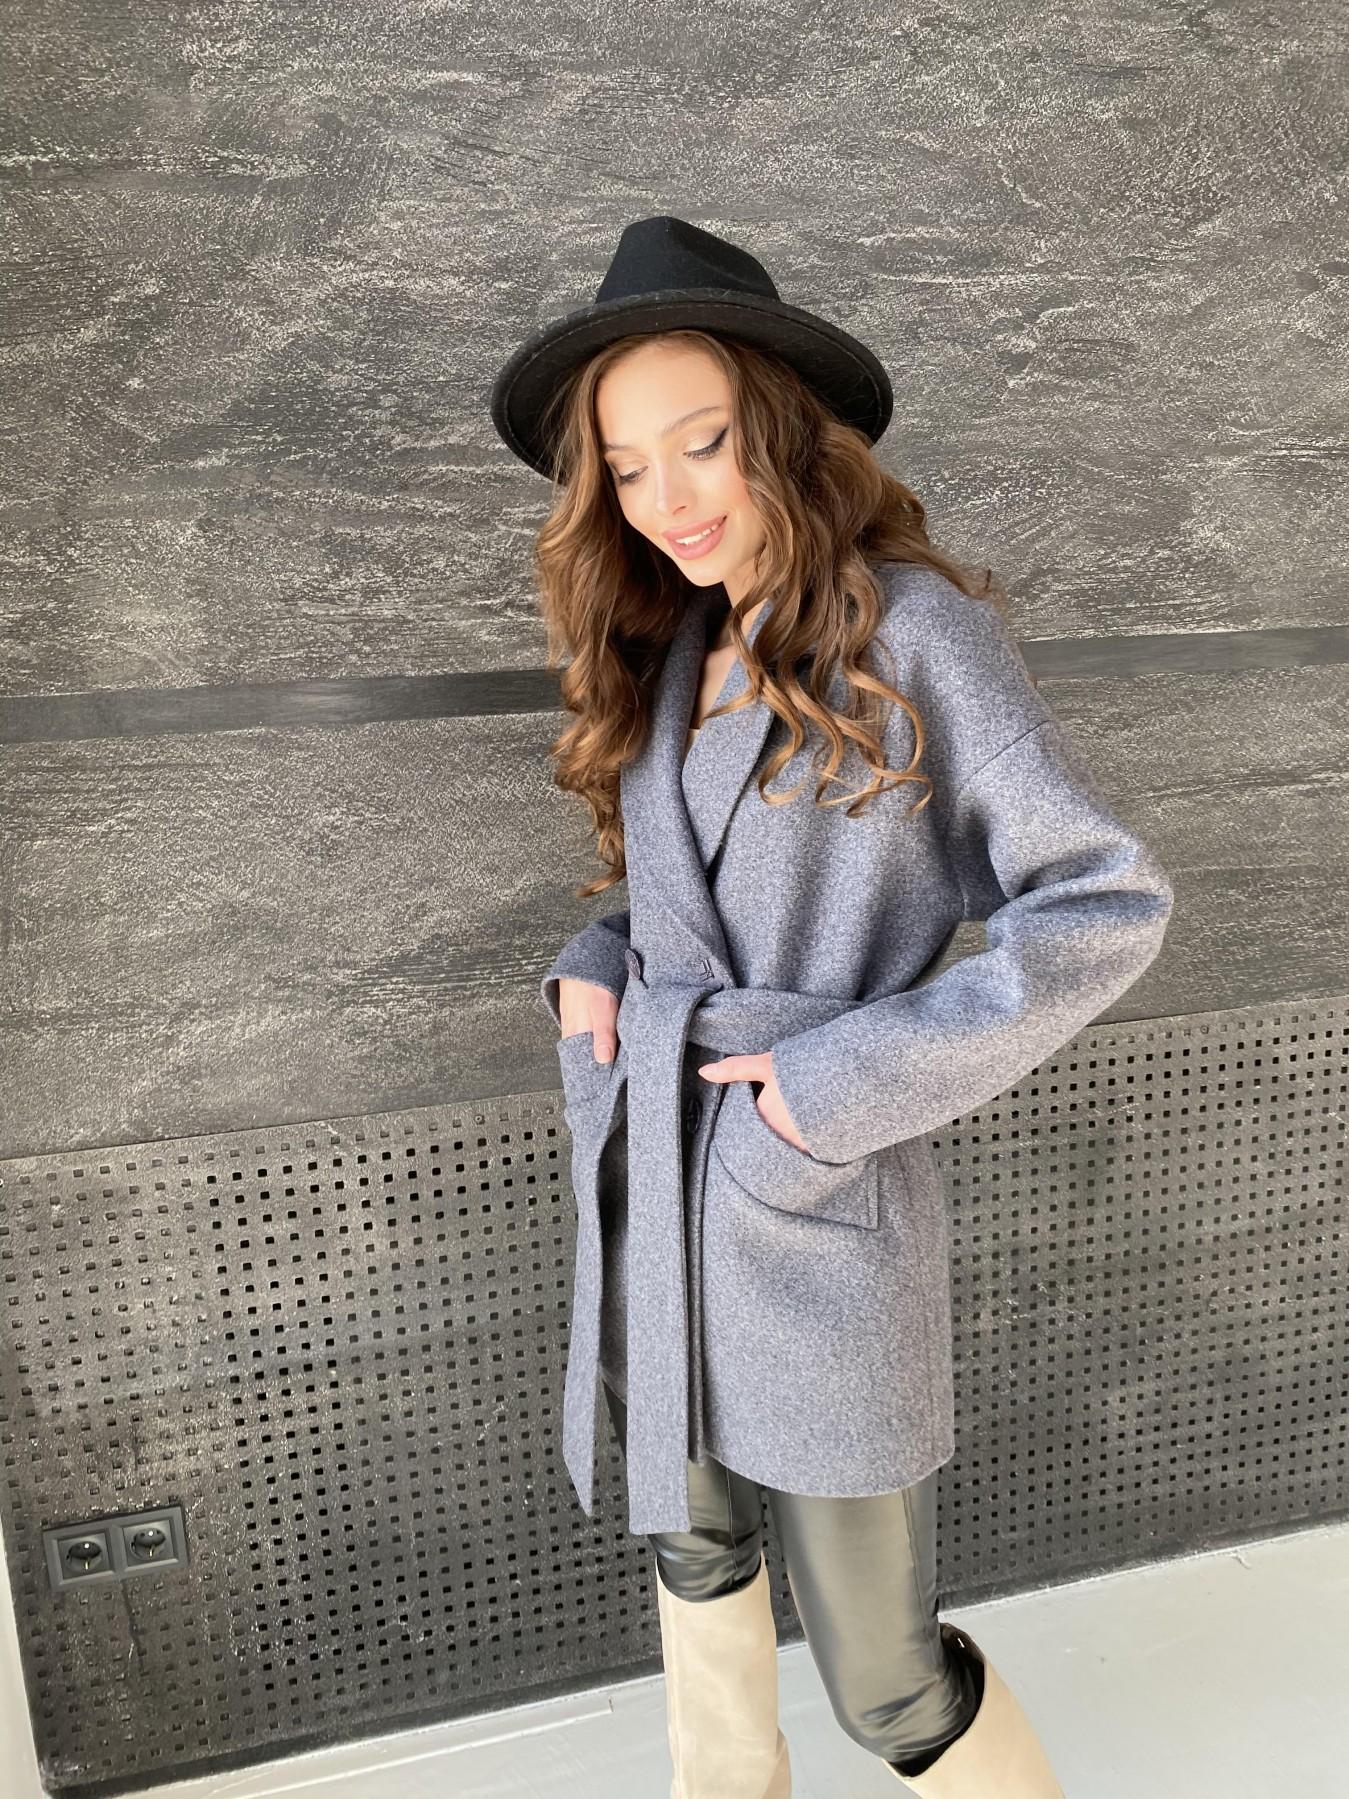 Бонд пальто  кашемировое меланж на трикотаже  10644 АРТ. 47182 Цвет: графит меланж - фото 1, интернет магазин tm-modus.ru